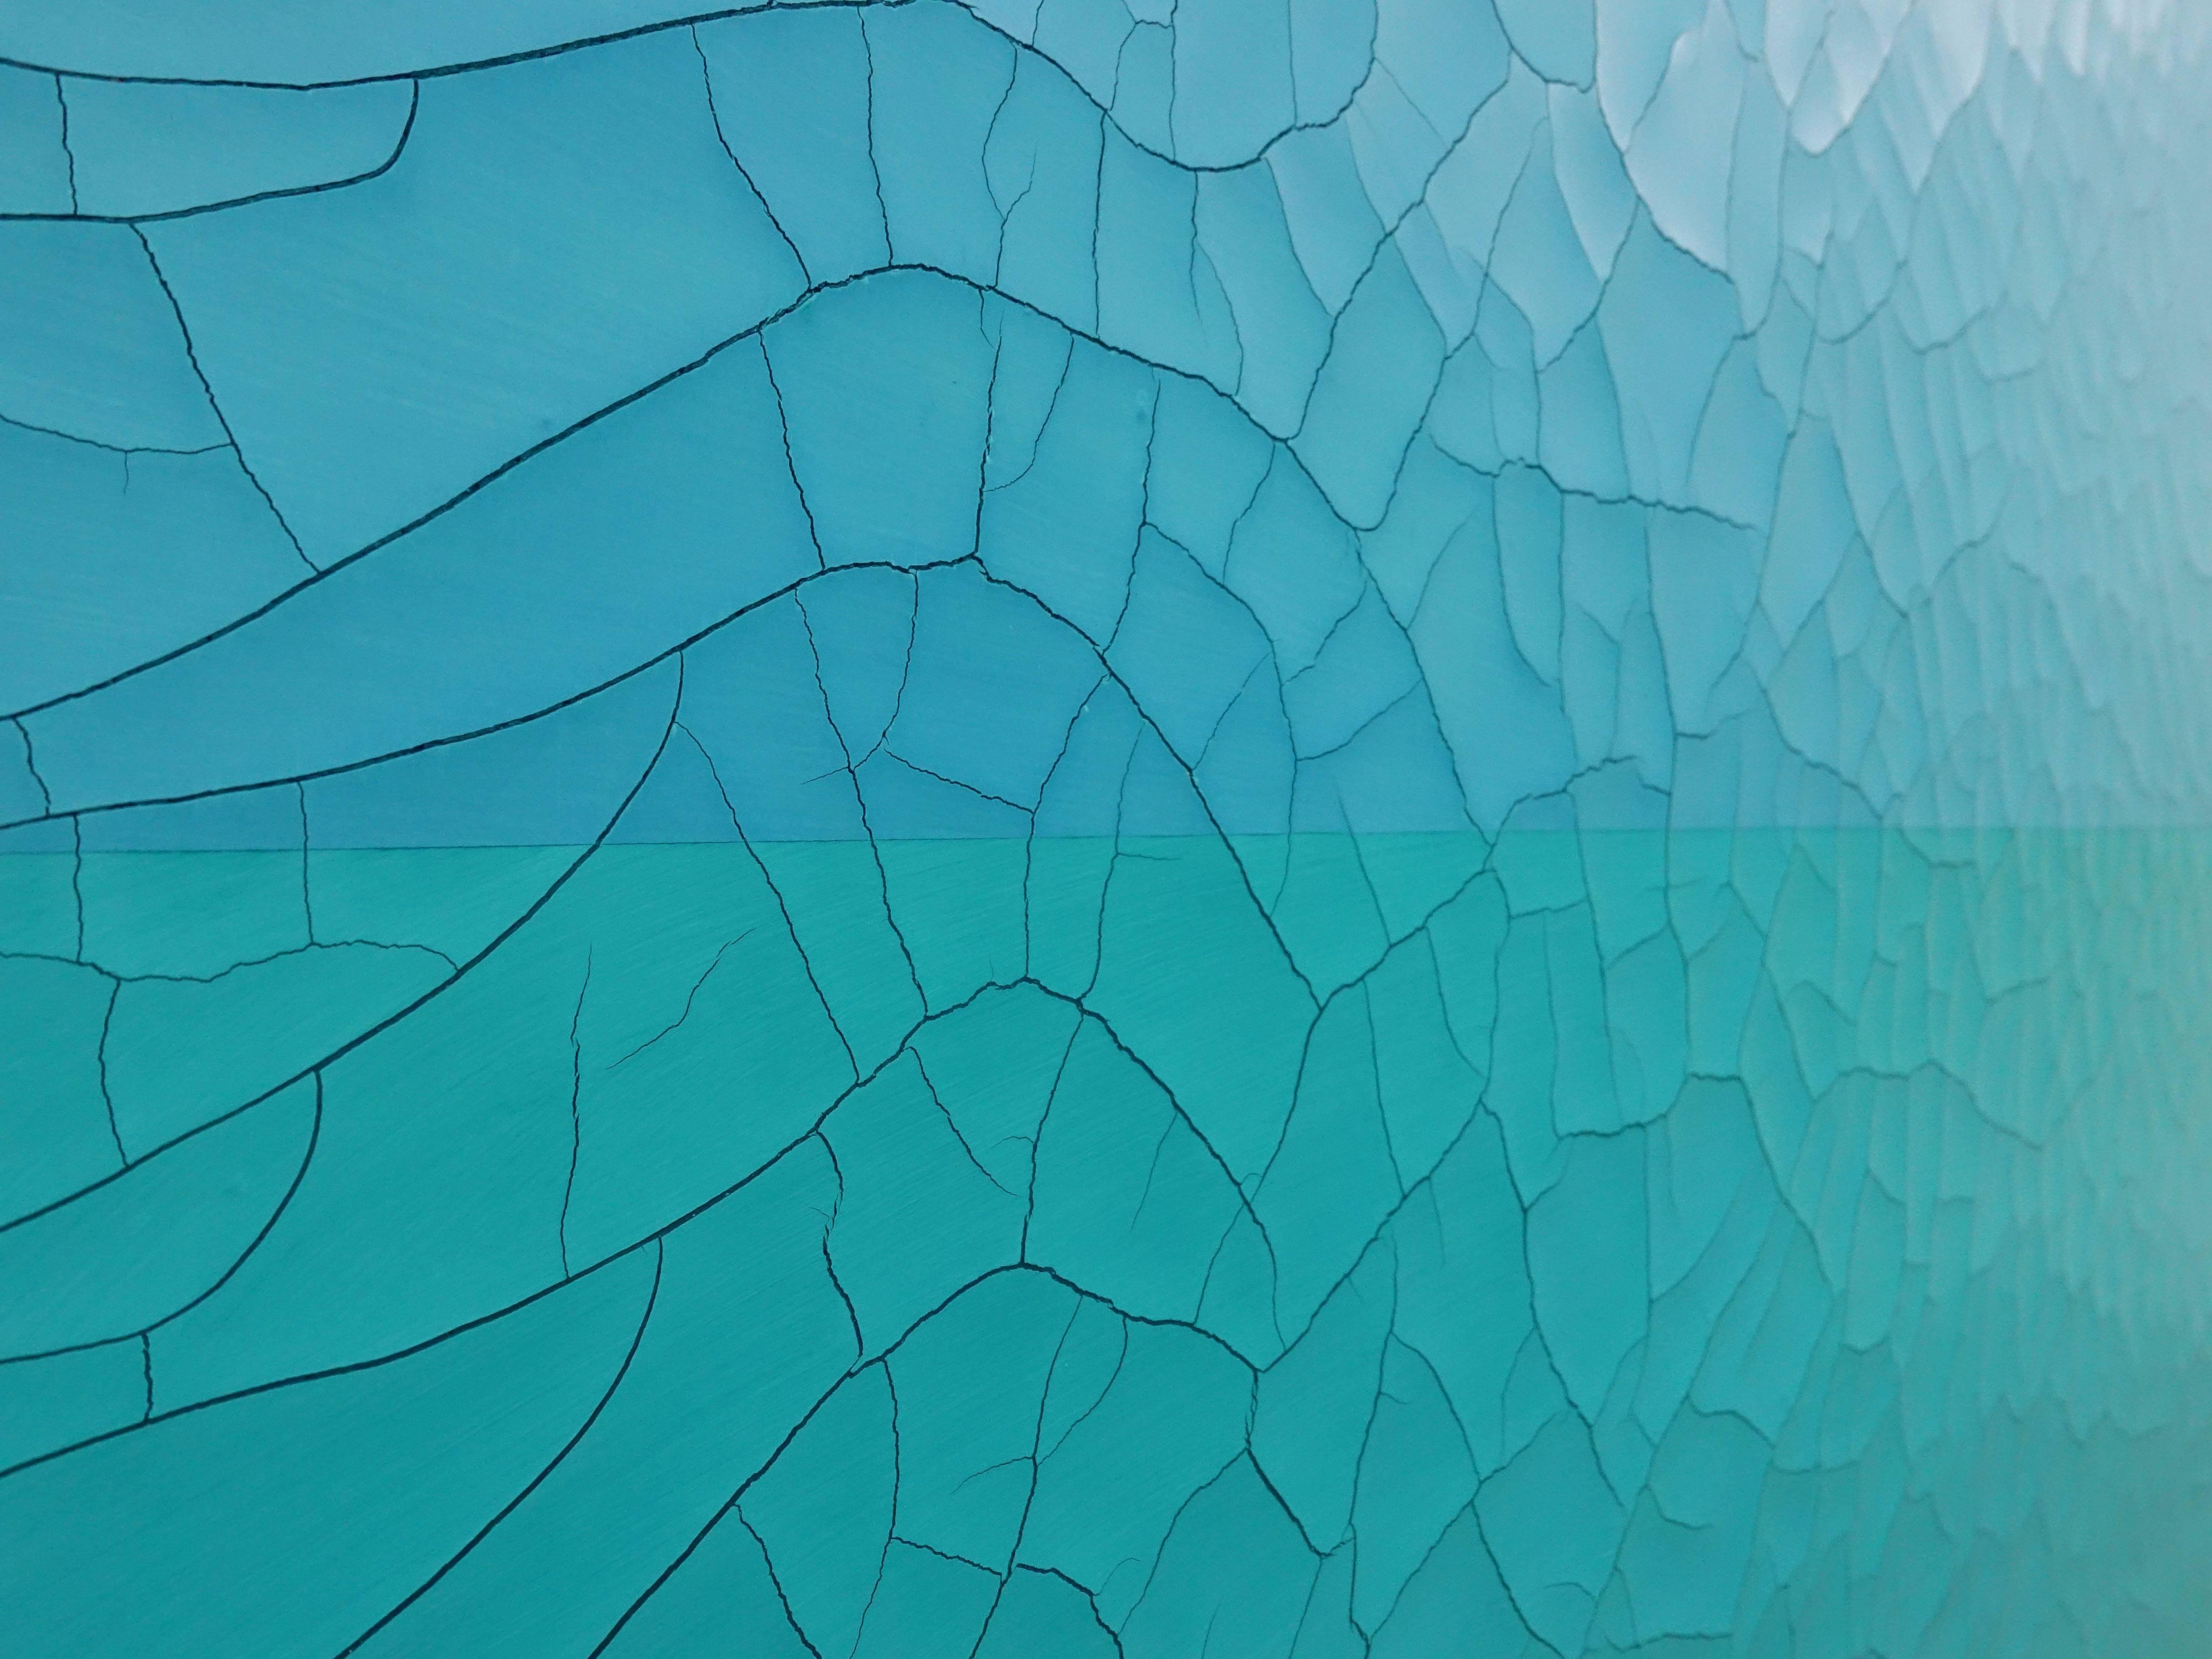 王永衢,《Zig Zig Zag》細節,110 x 110 cm,乳膠漆、廣告顏料、畫布、木板,2019。